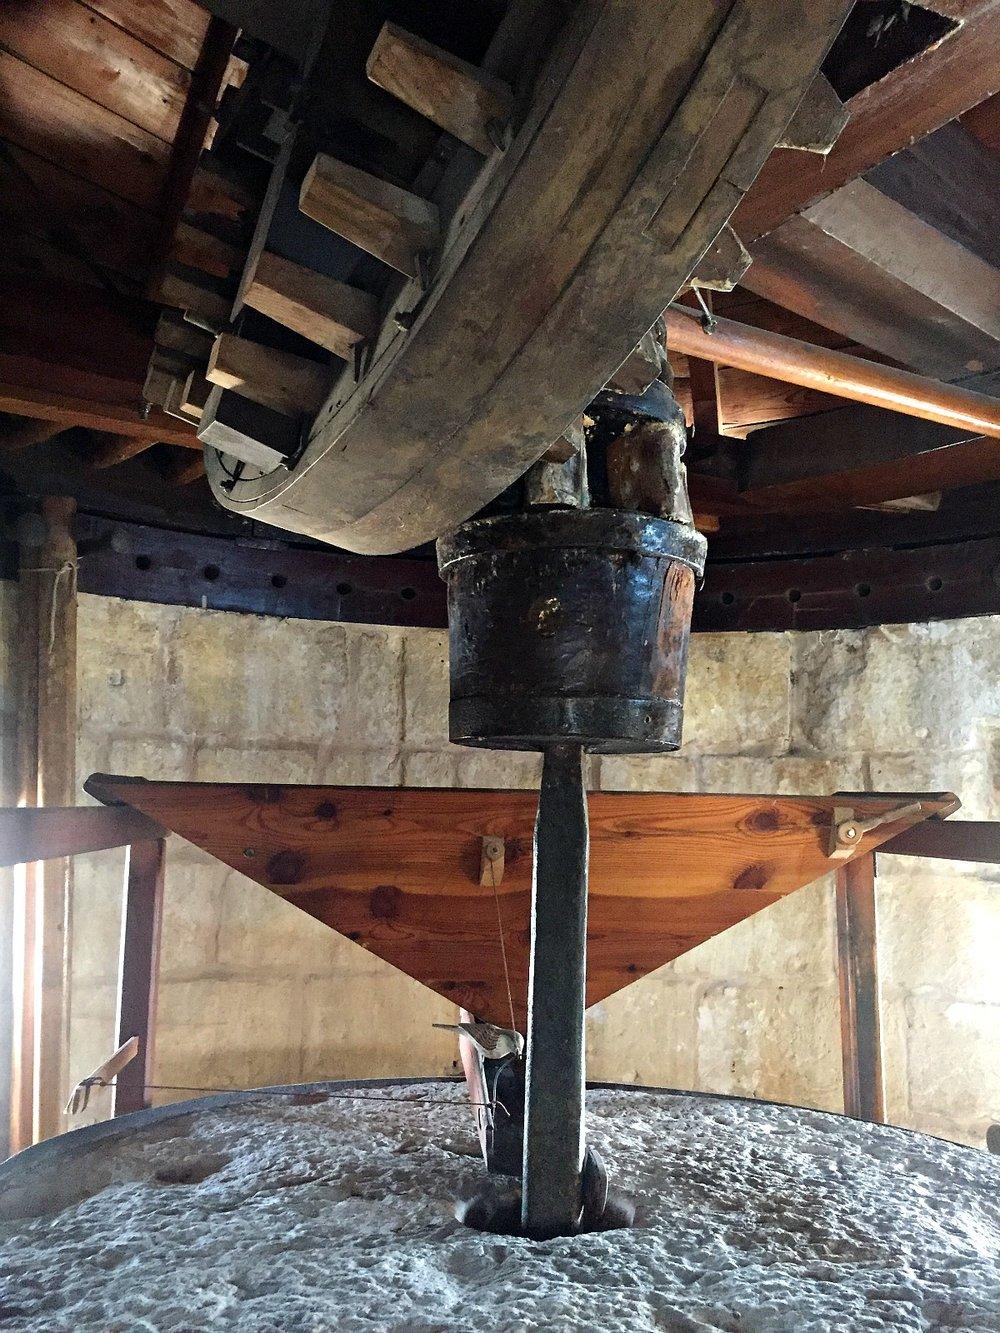 Xarolla Windmill in Zurrieq